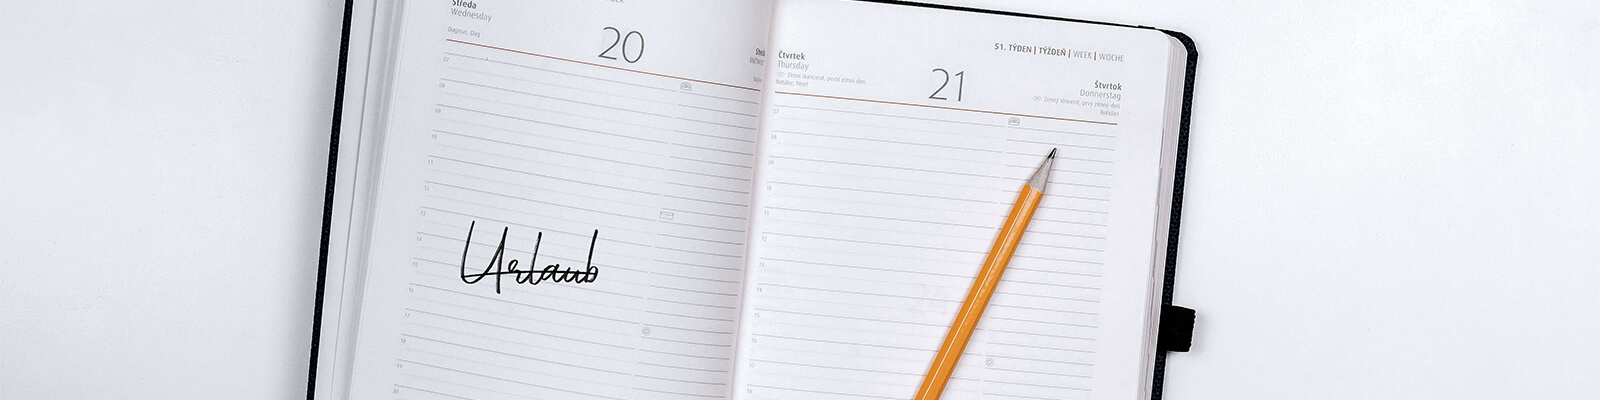 Kalender mit dem Wort